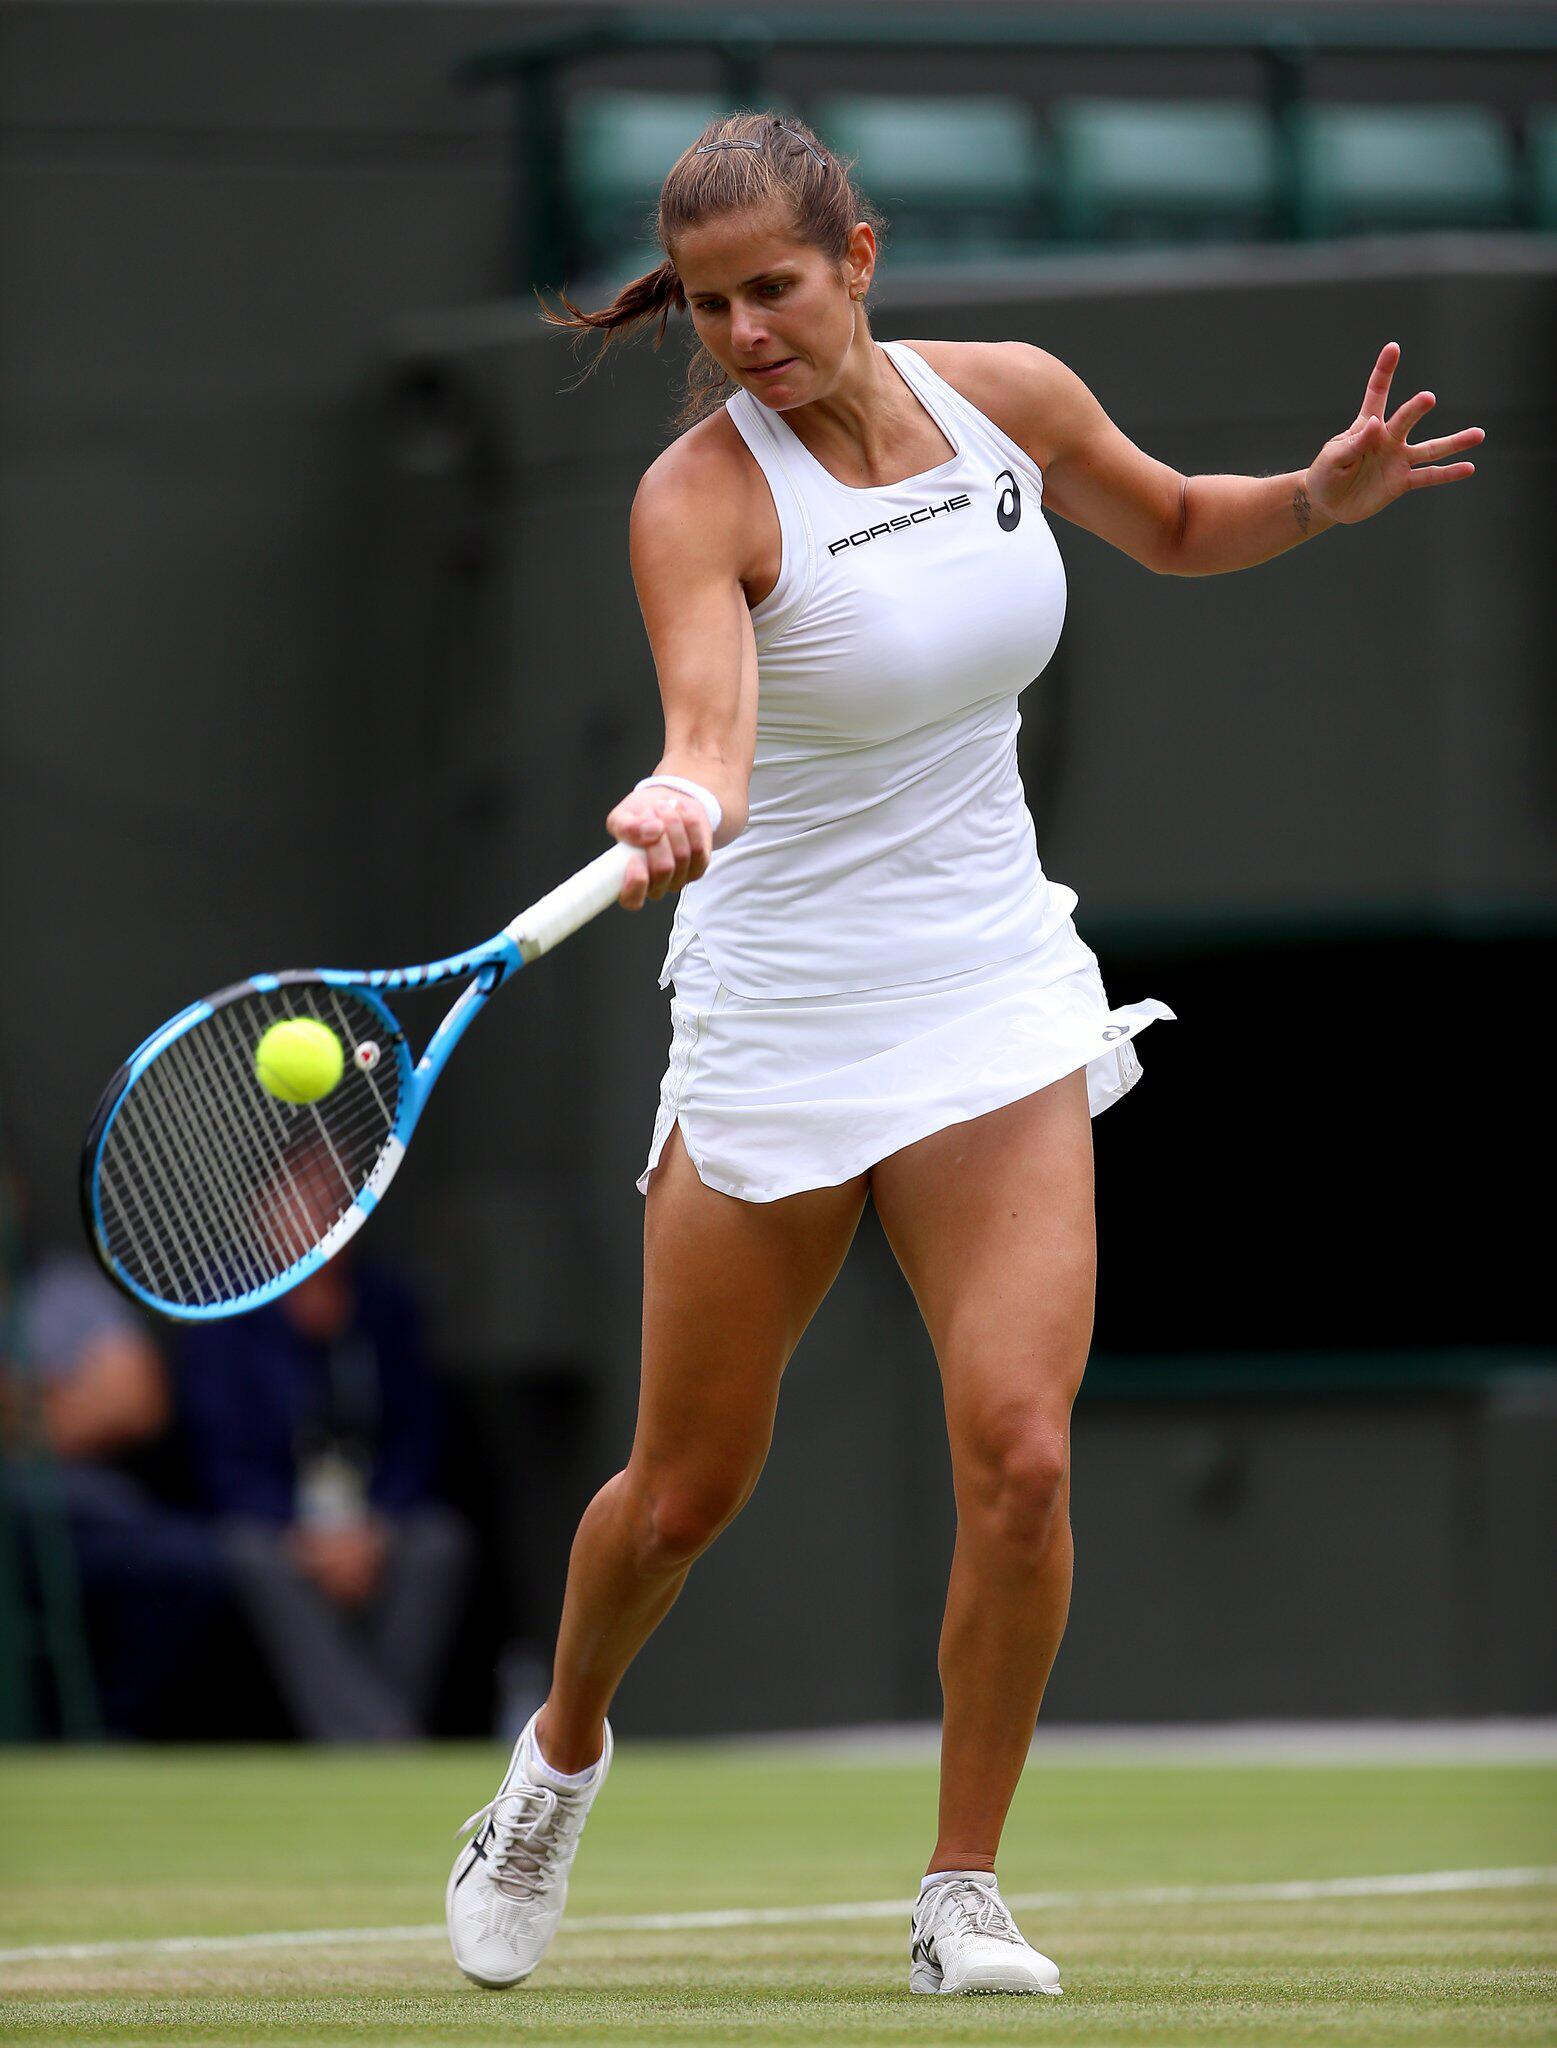 Bild zu Wimbledon 2018, Julia Görges